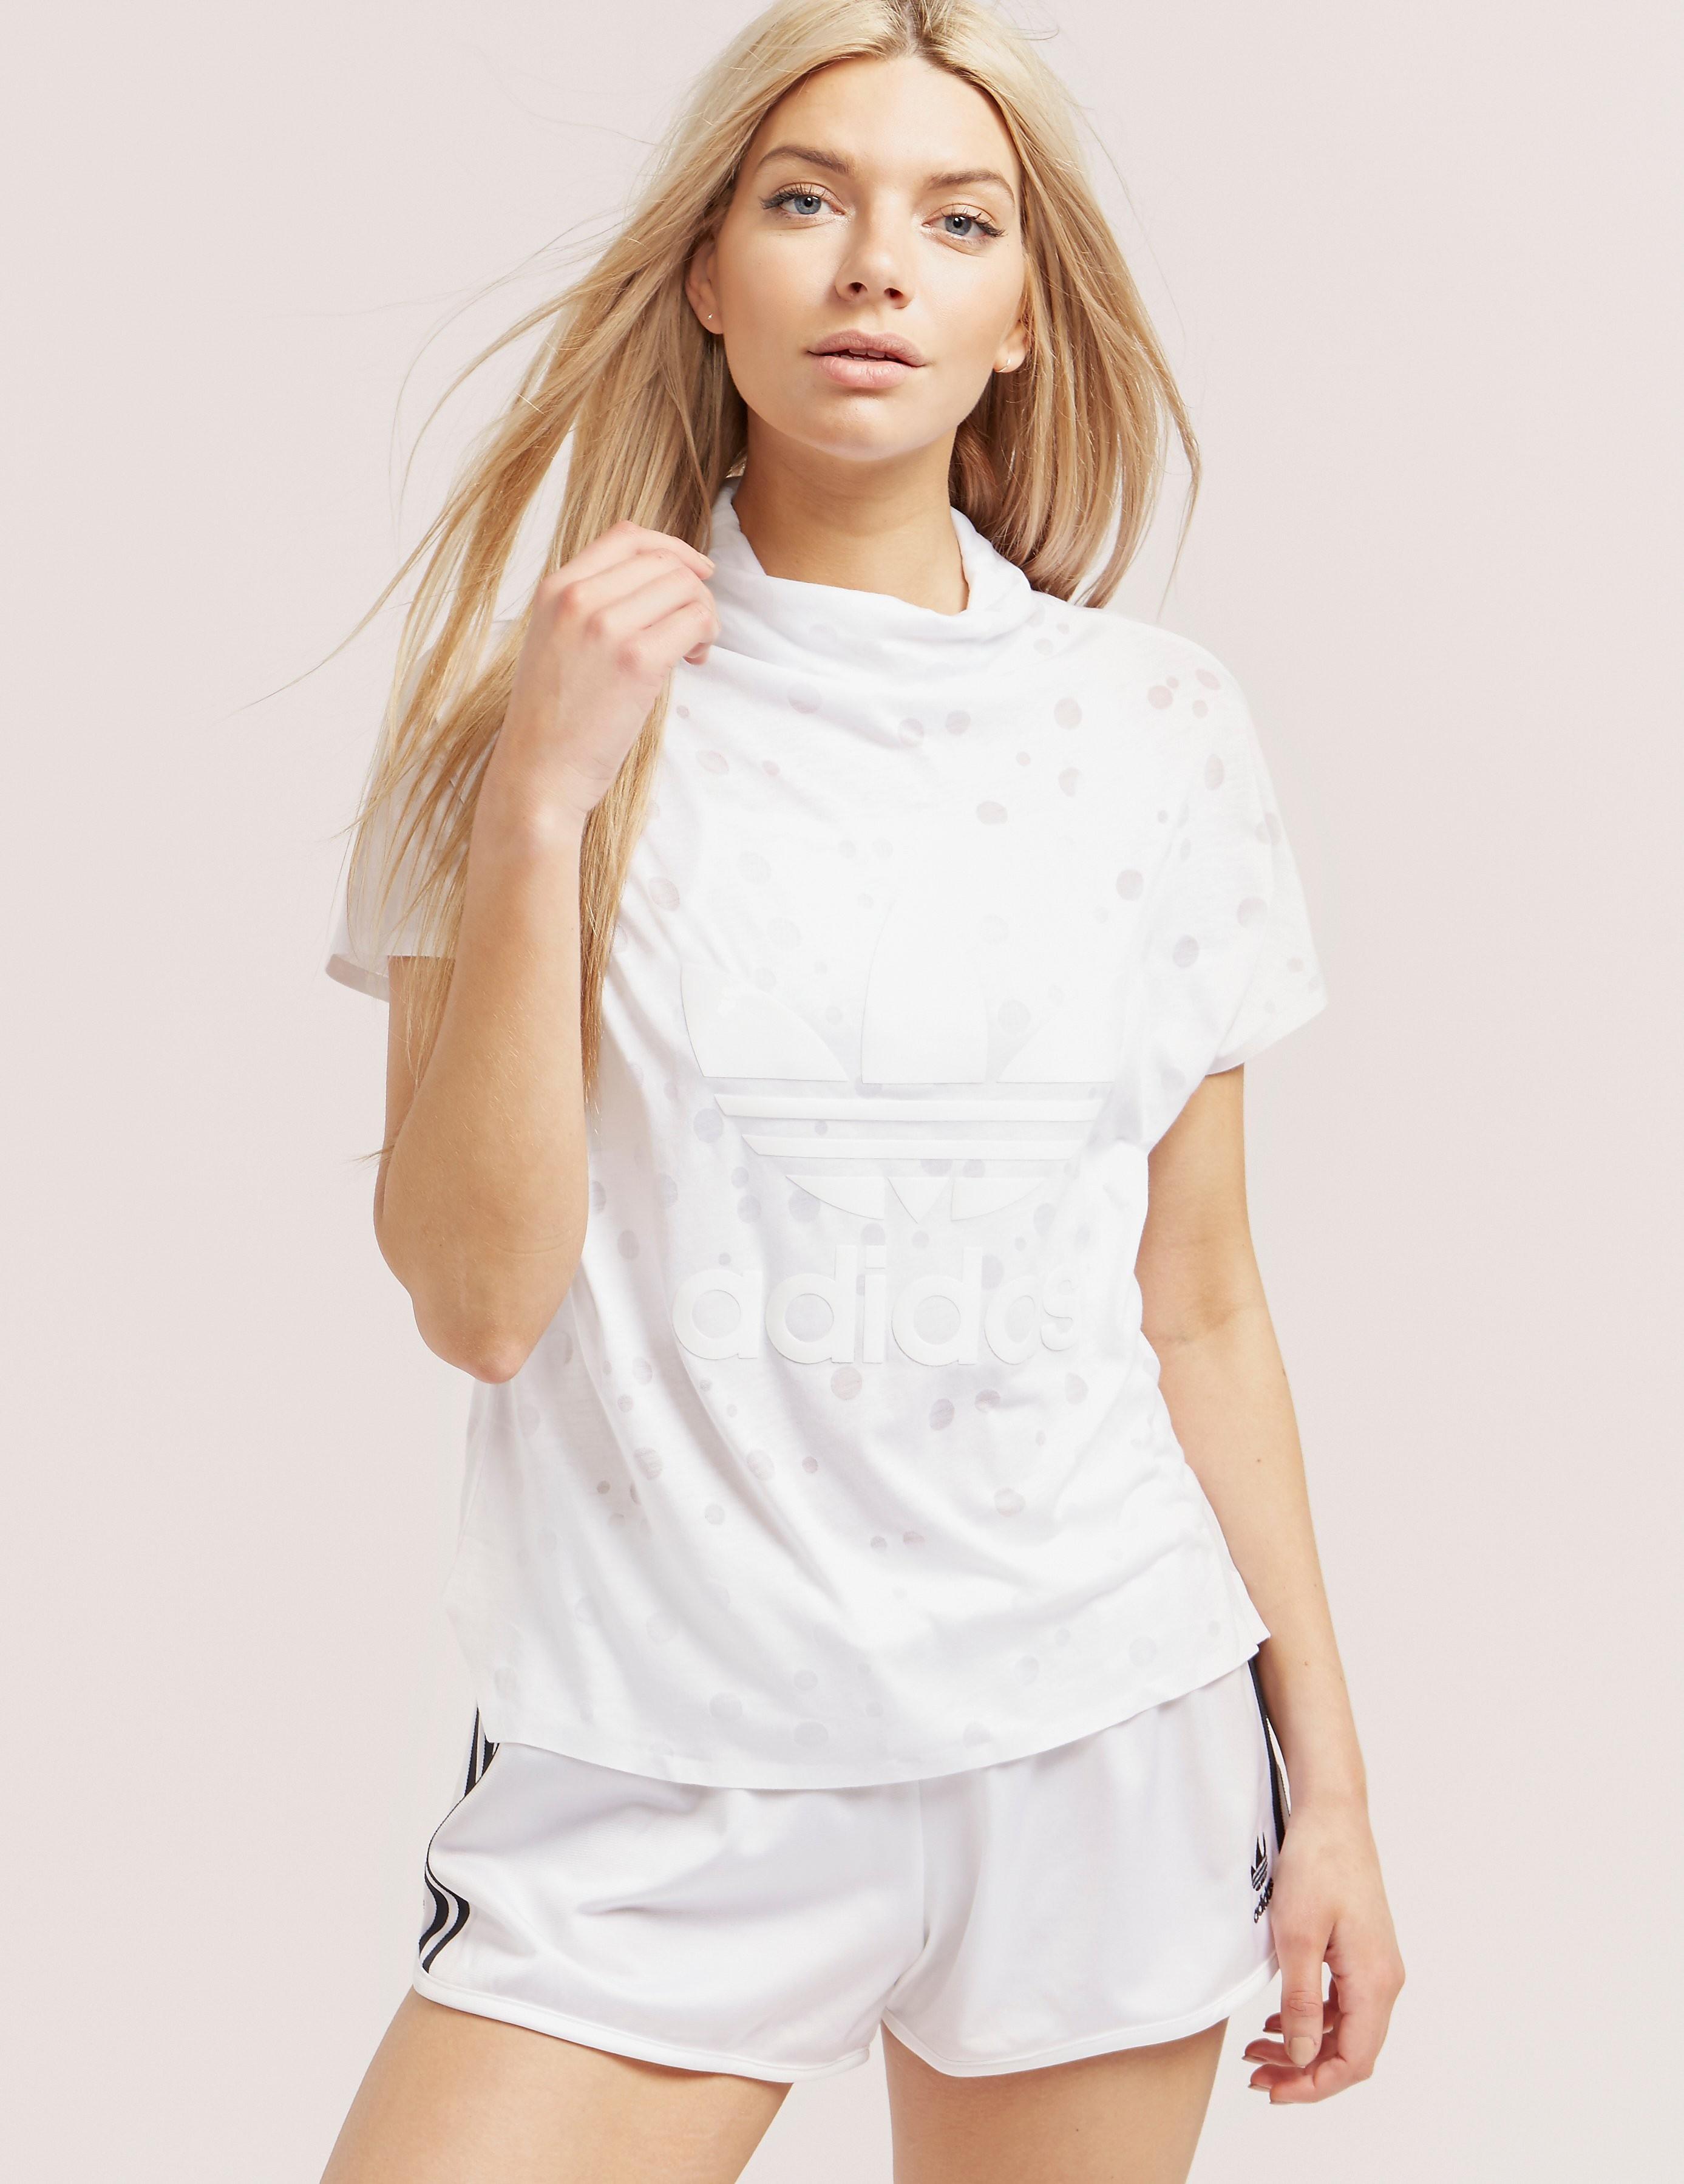 adidas Originals High Collar Spot Short Sleeve T-Shirt